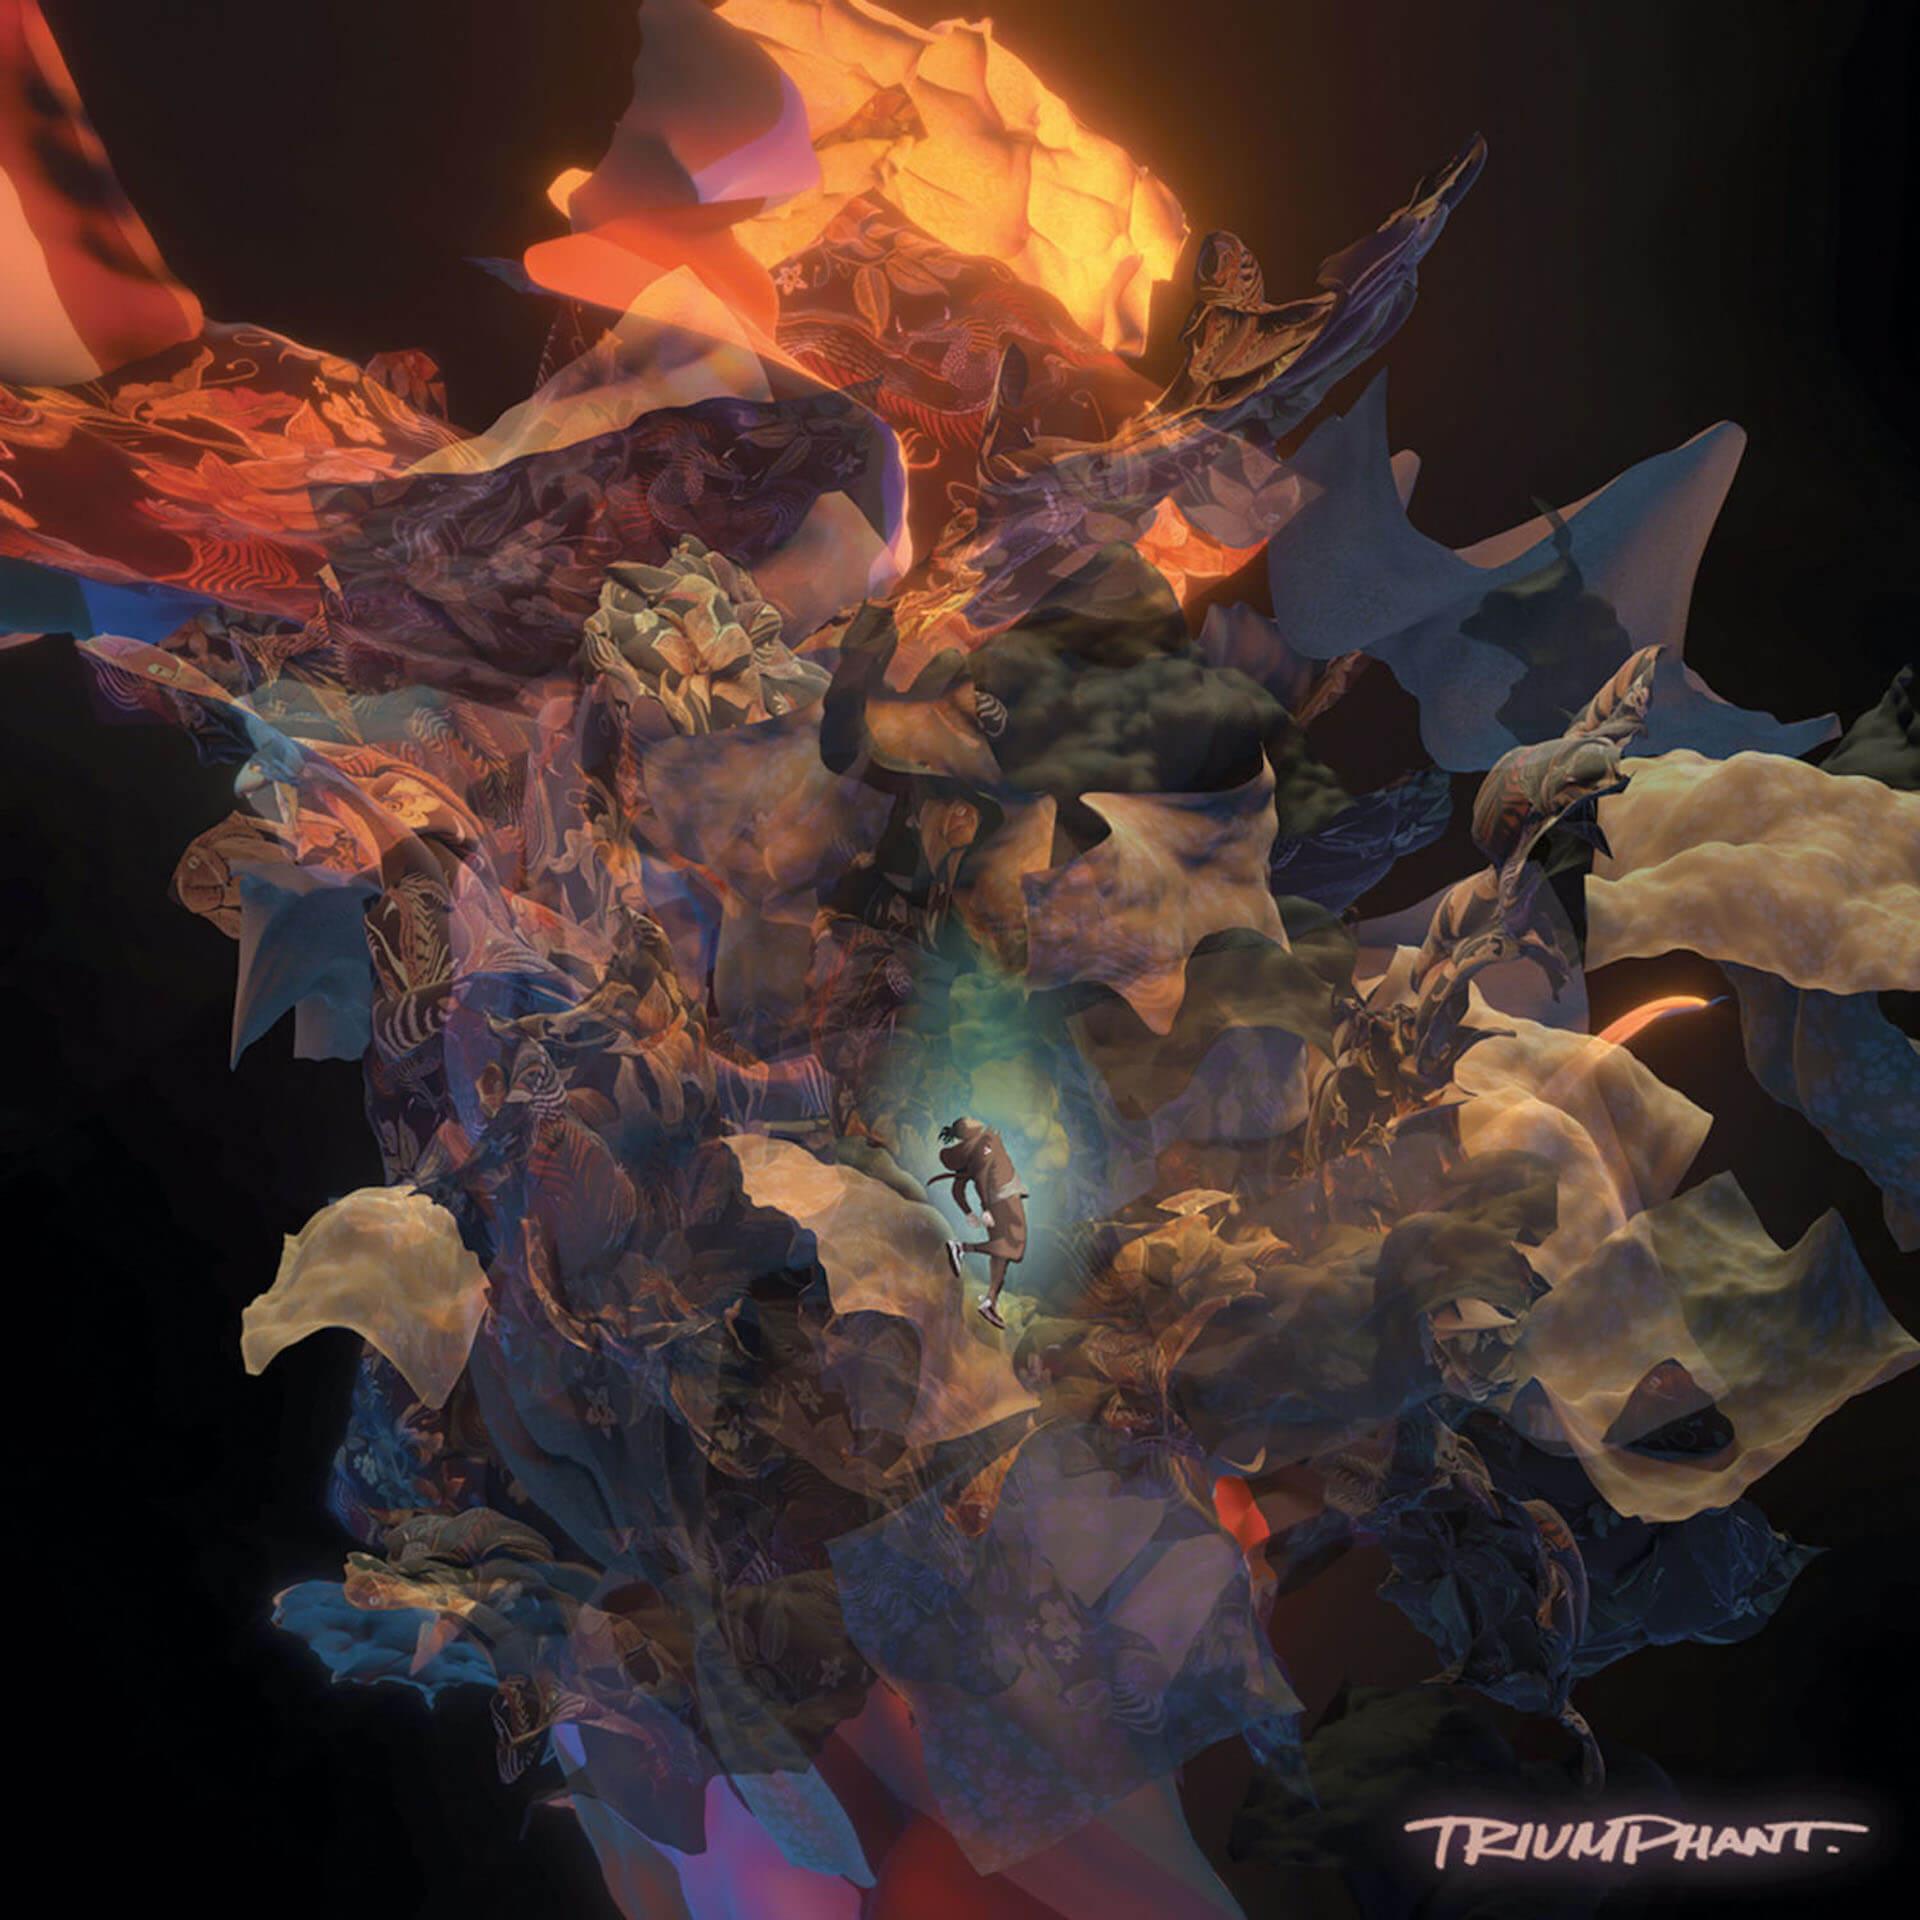 Shing02とJack The Ripがタッグを組んだヒップホップ・アルバム『Triumphant』が待望のフィジカル化! music201204_shing02-02